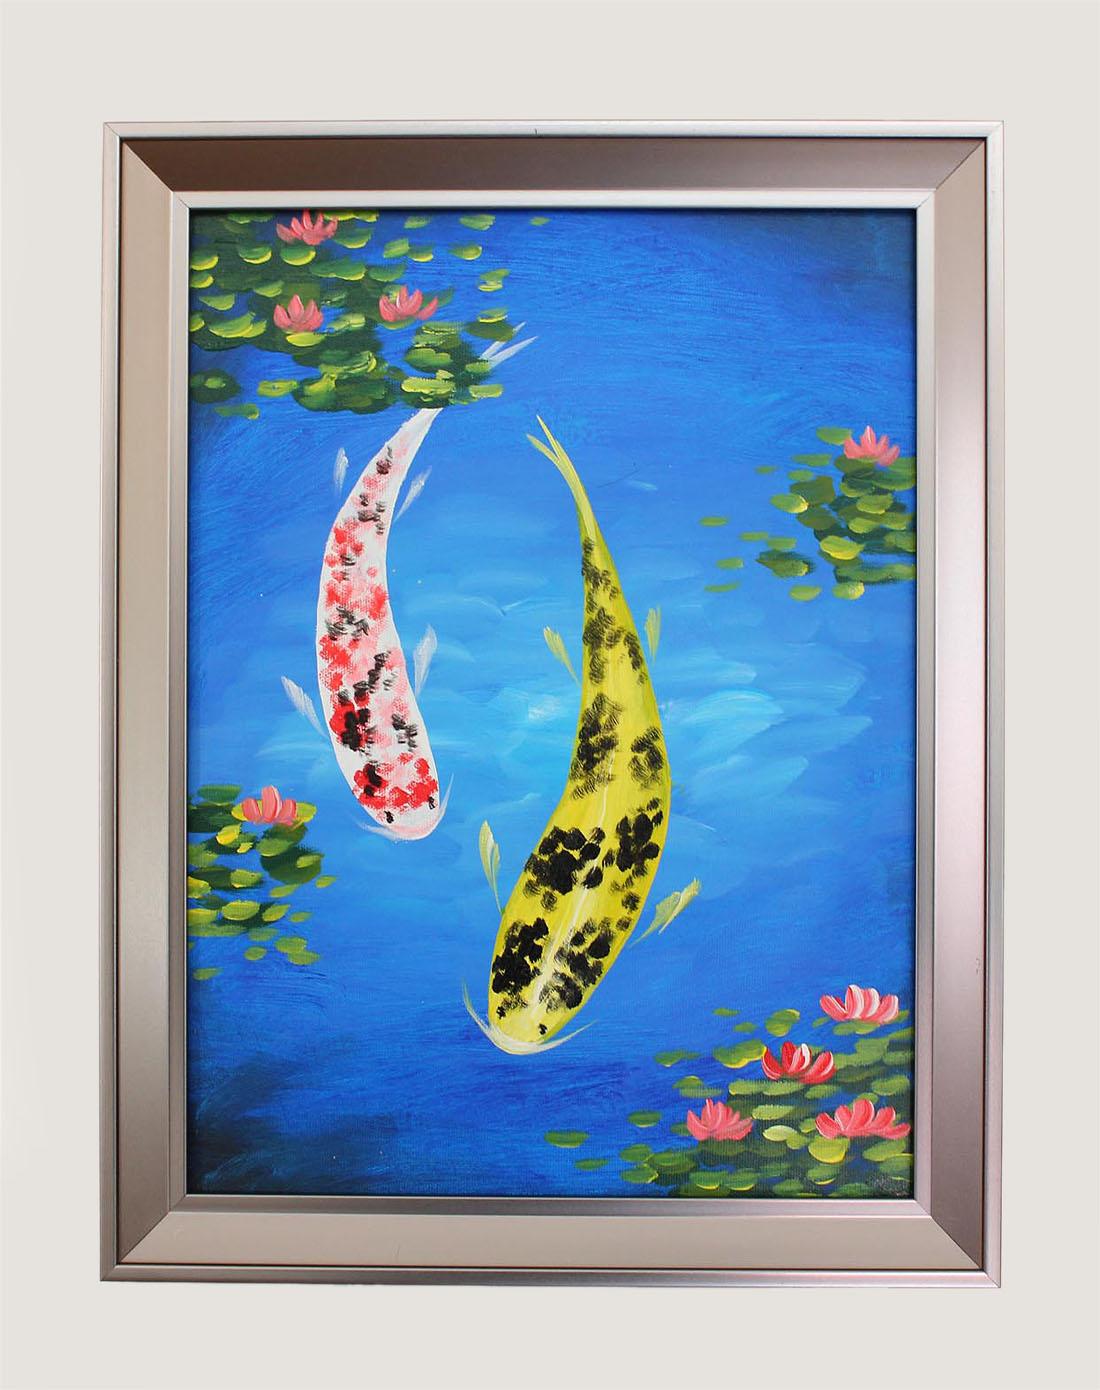 手绘油画-锦鲤图